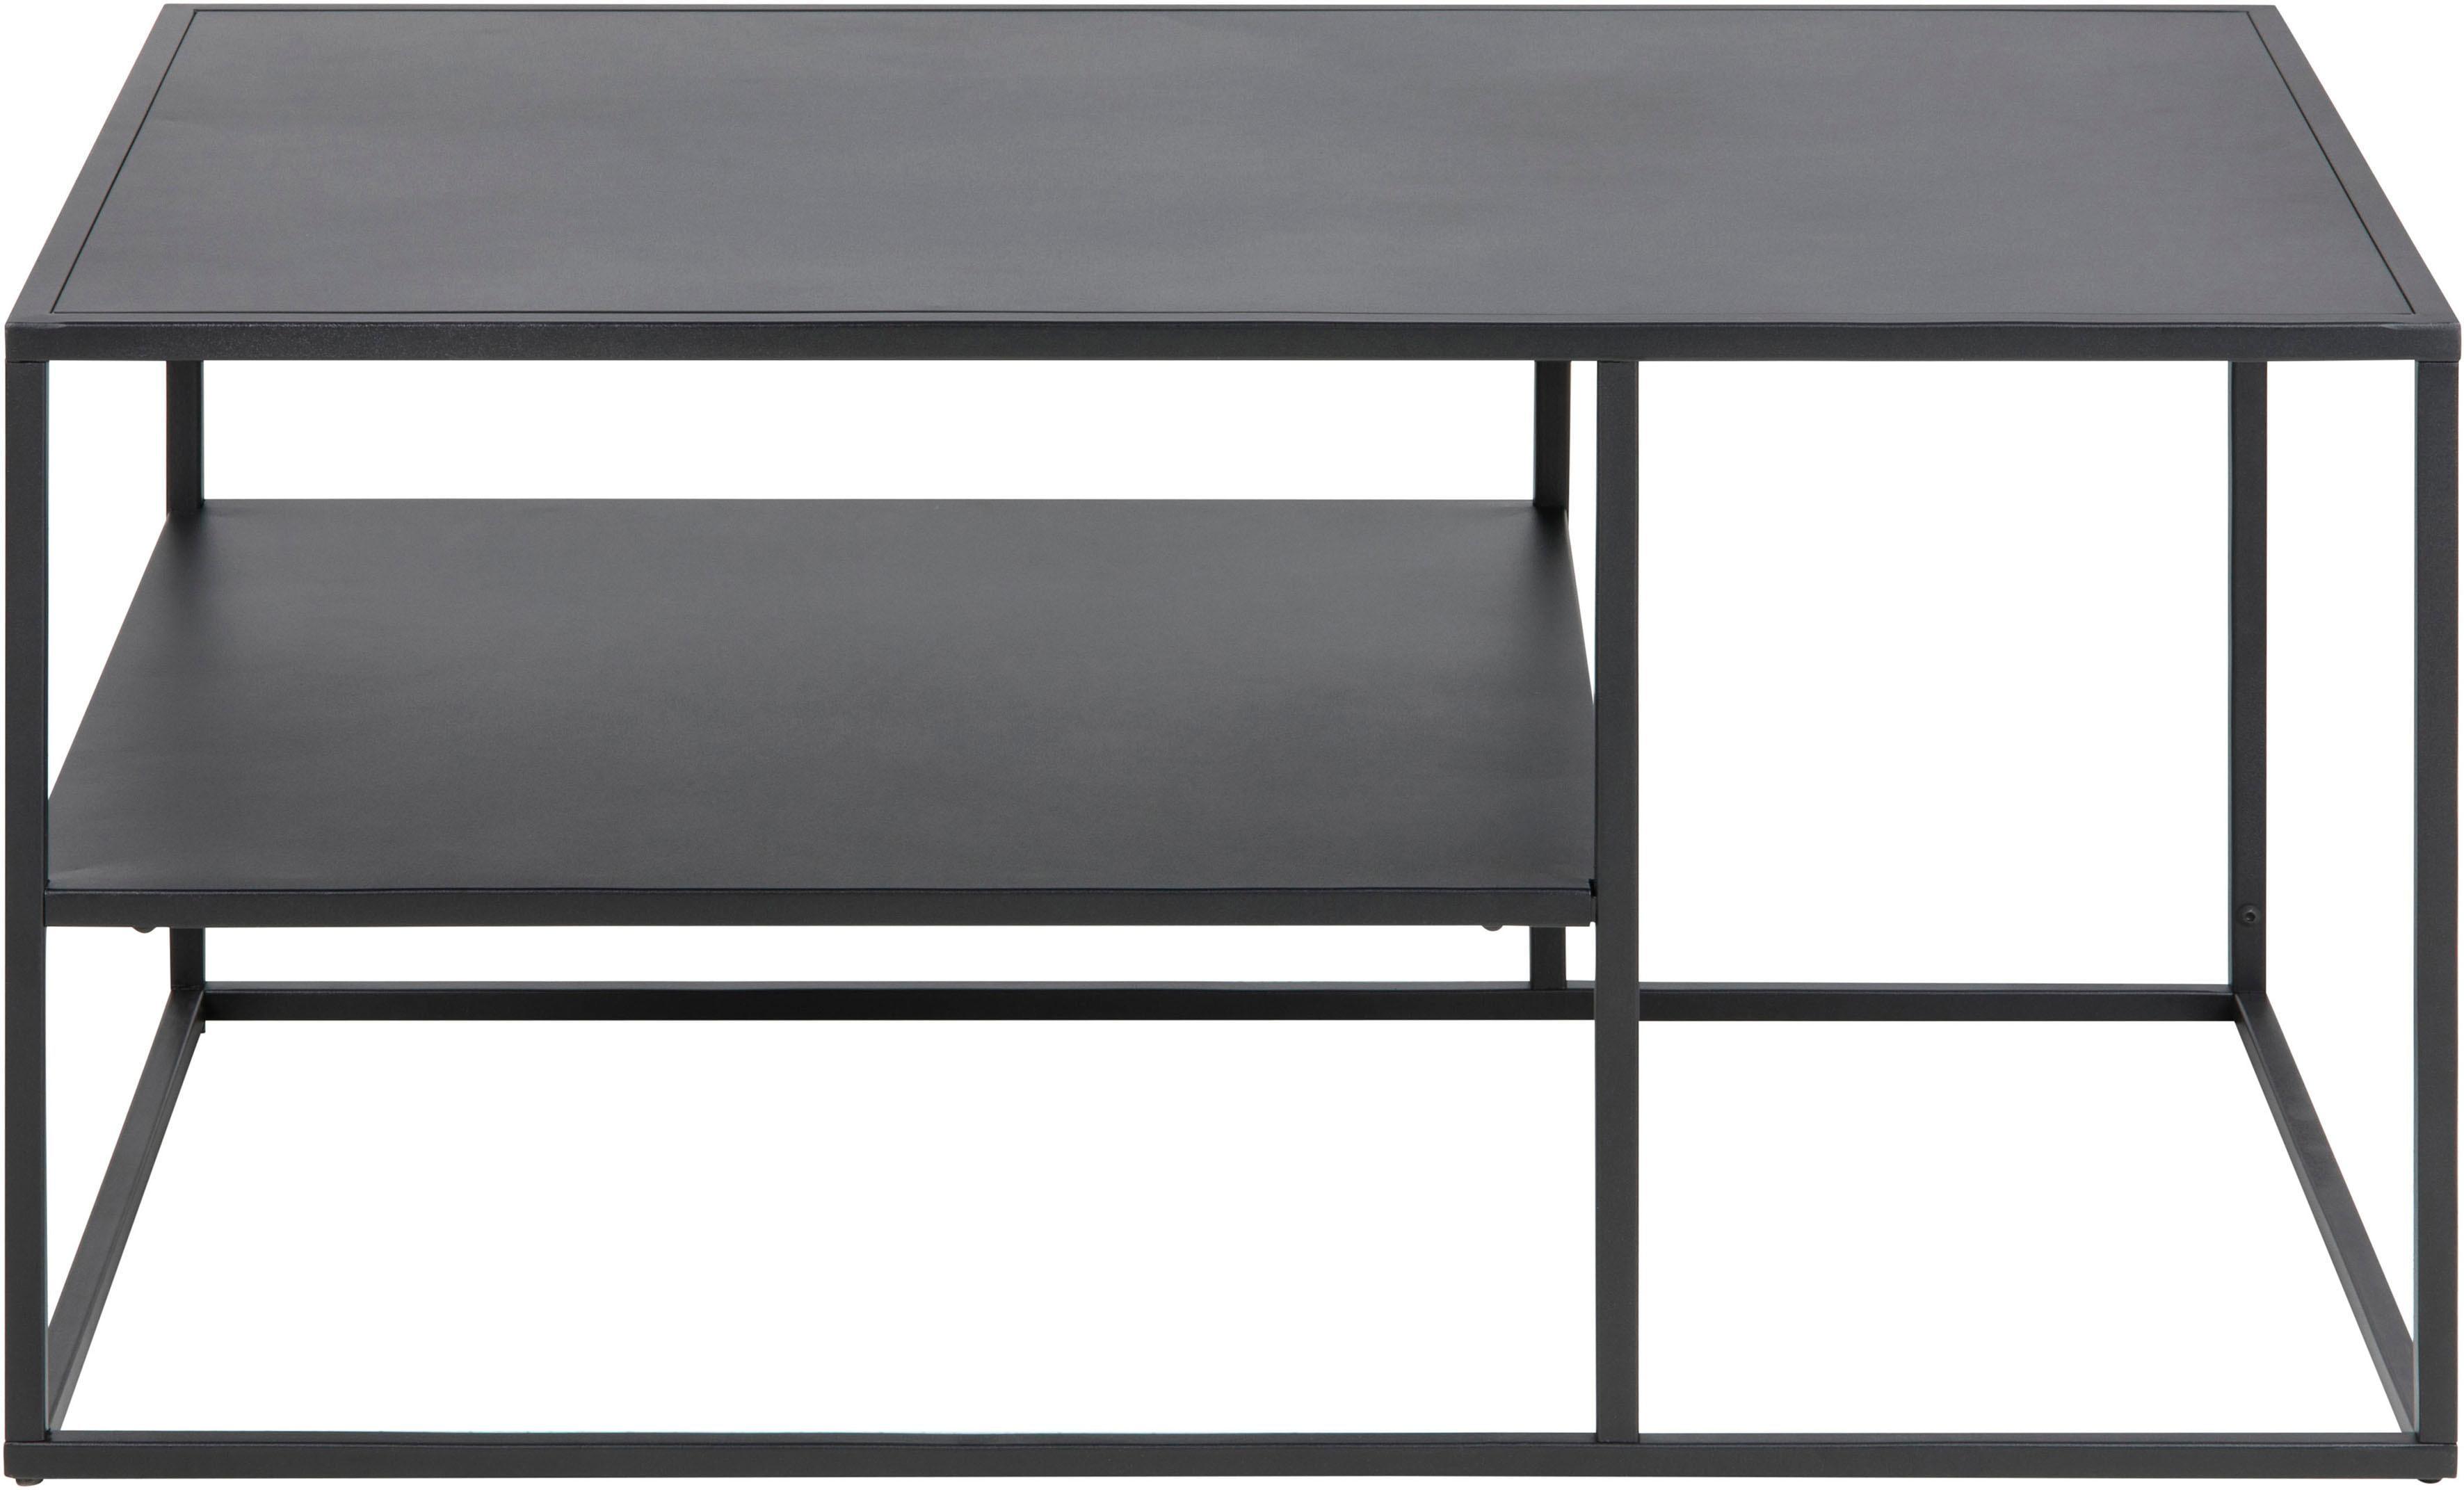 andas Couchtisch Vilho aus einem schönen schwarzen Metallgestell Breite 90 cm